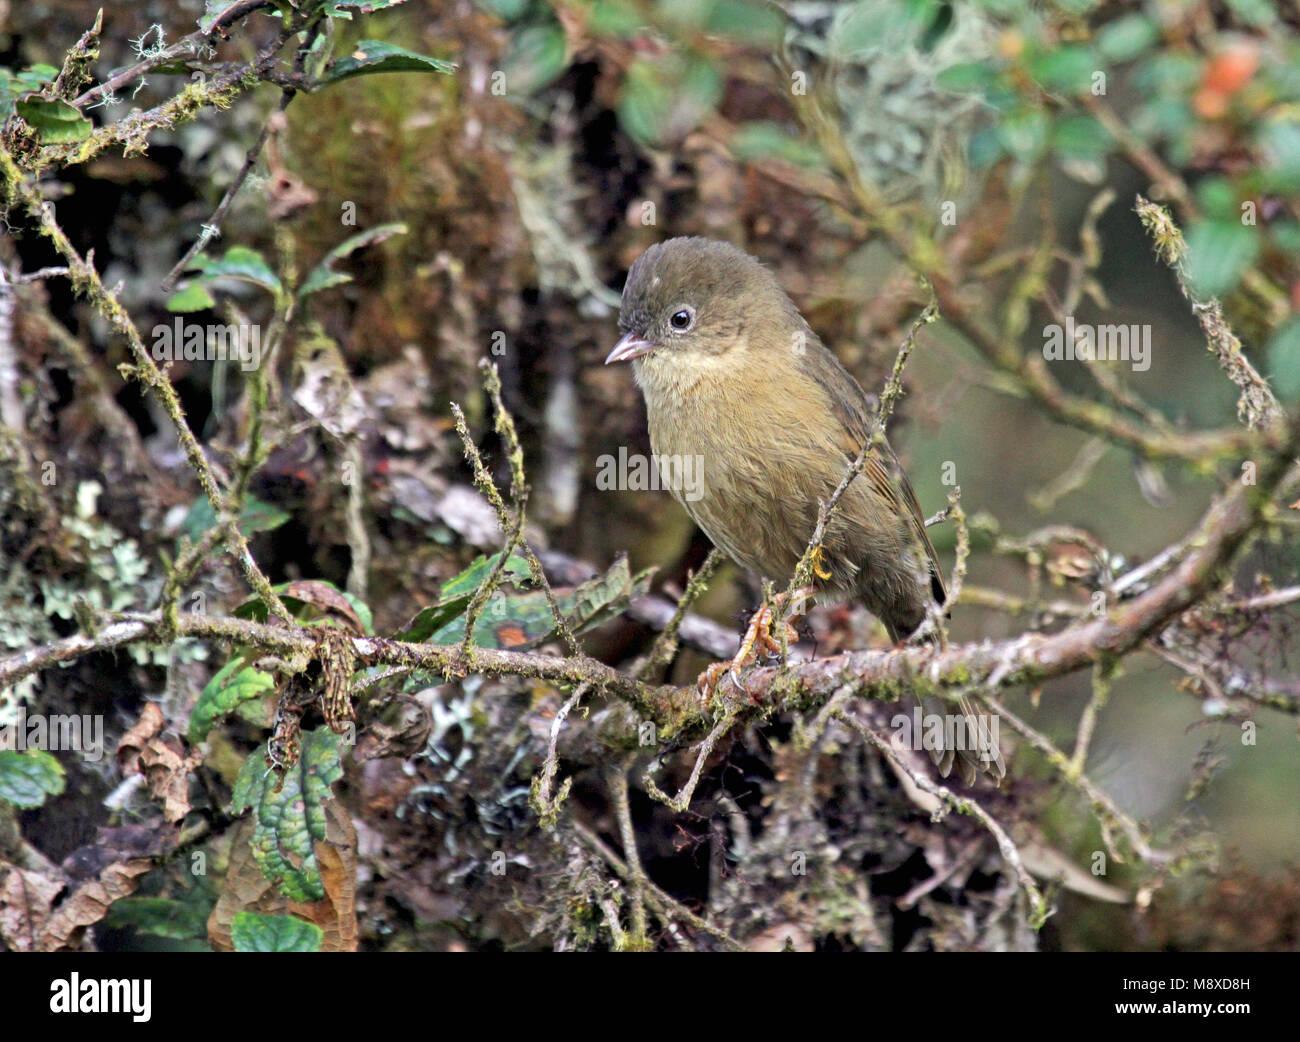 Die pardusco (Nephelornis oneilli) ist eine Pflanzenart aus der Gattung der Tanager, die endemisch ist, ist in der Stockbild